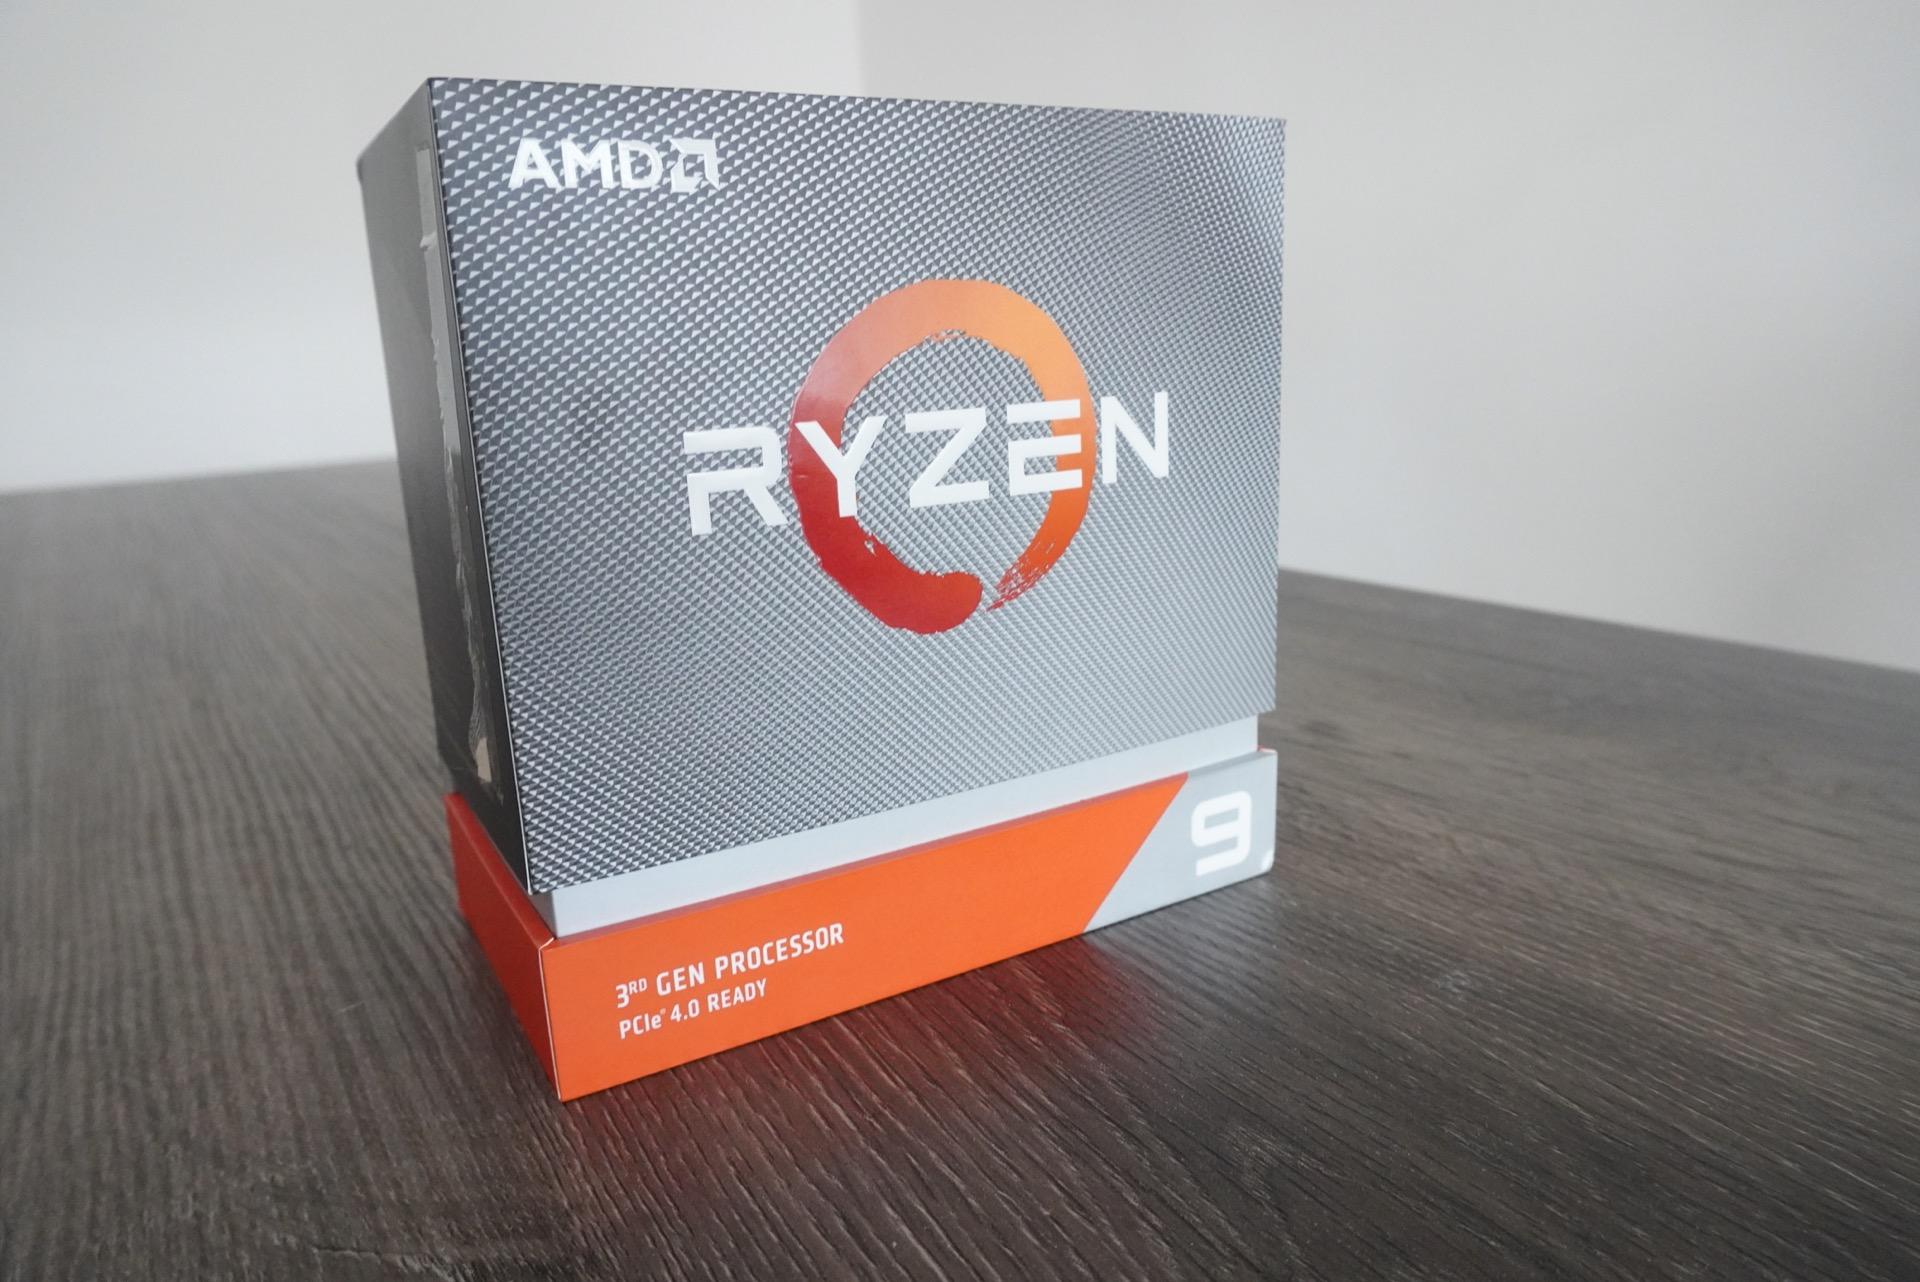 Ryzen 9 3900XT análisis